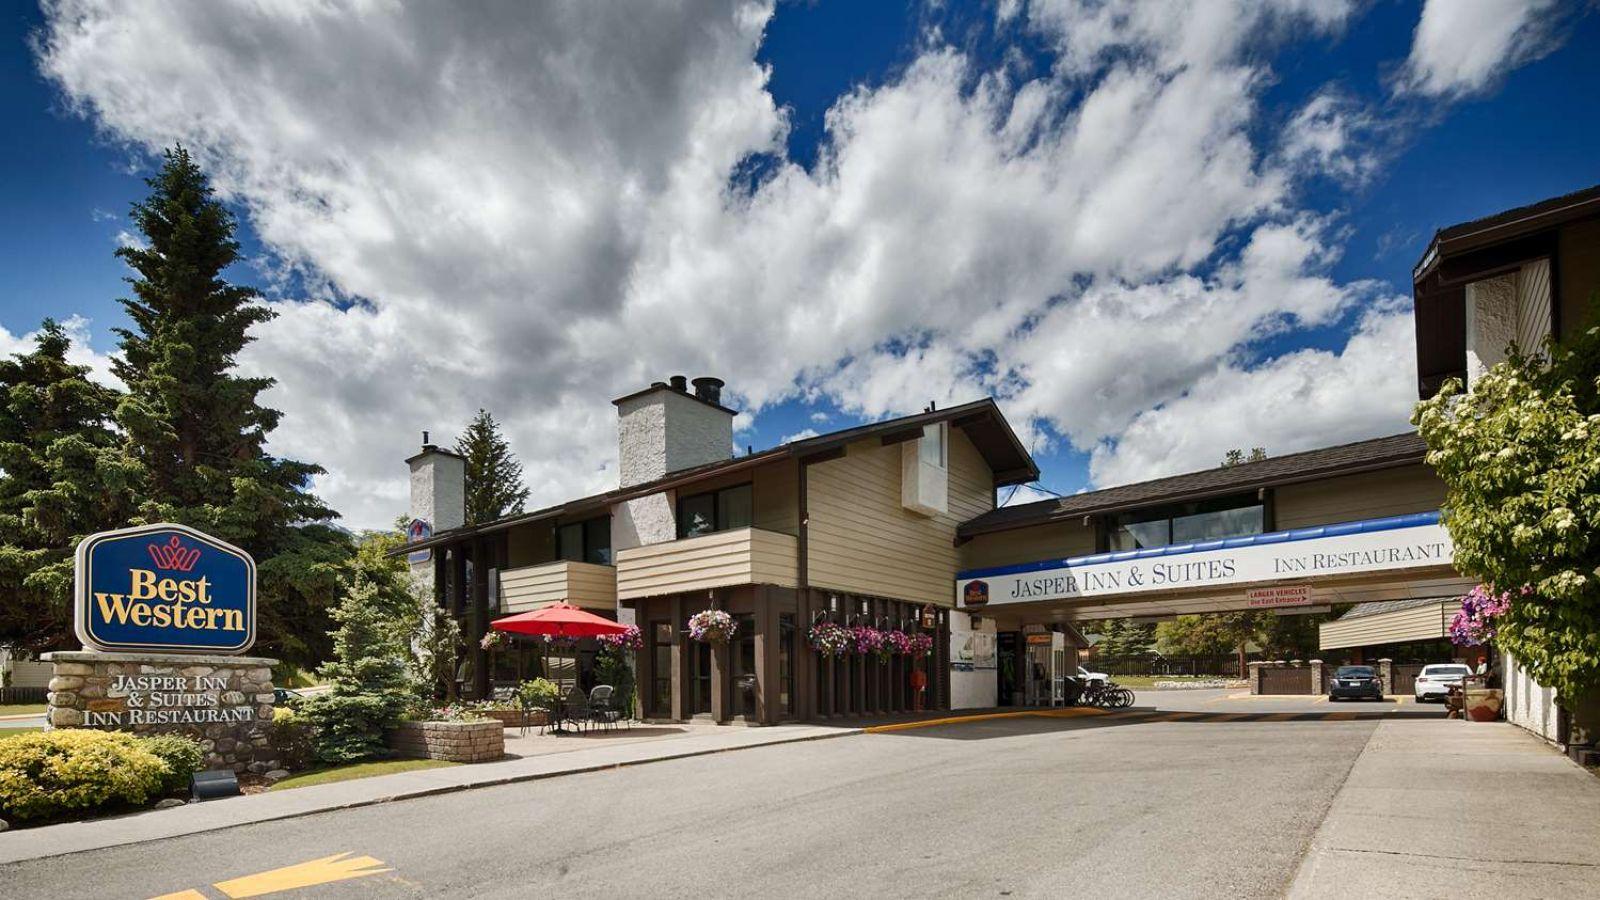 Best Western Jasper Inn and Suites